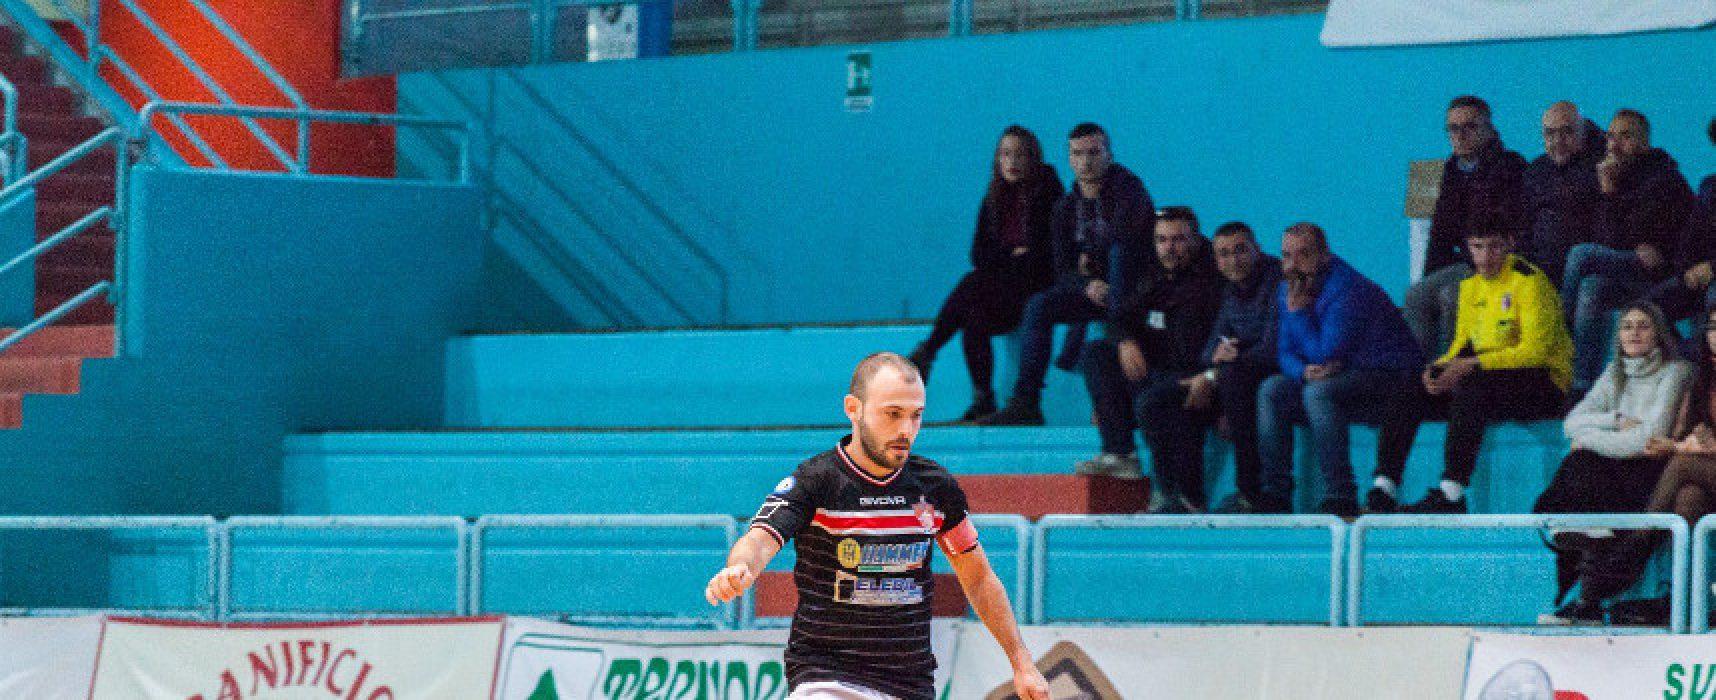 Futsal Bisceglie in Calabria, Cinco ospita il San Ferdinando, Diaz impegnata in Coppa Italia